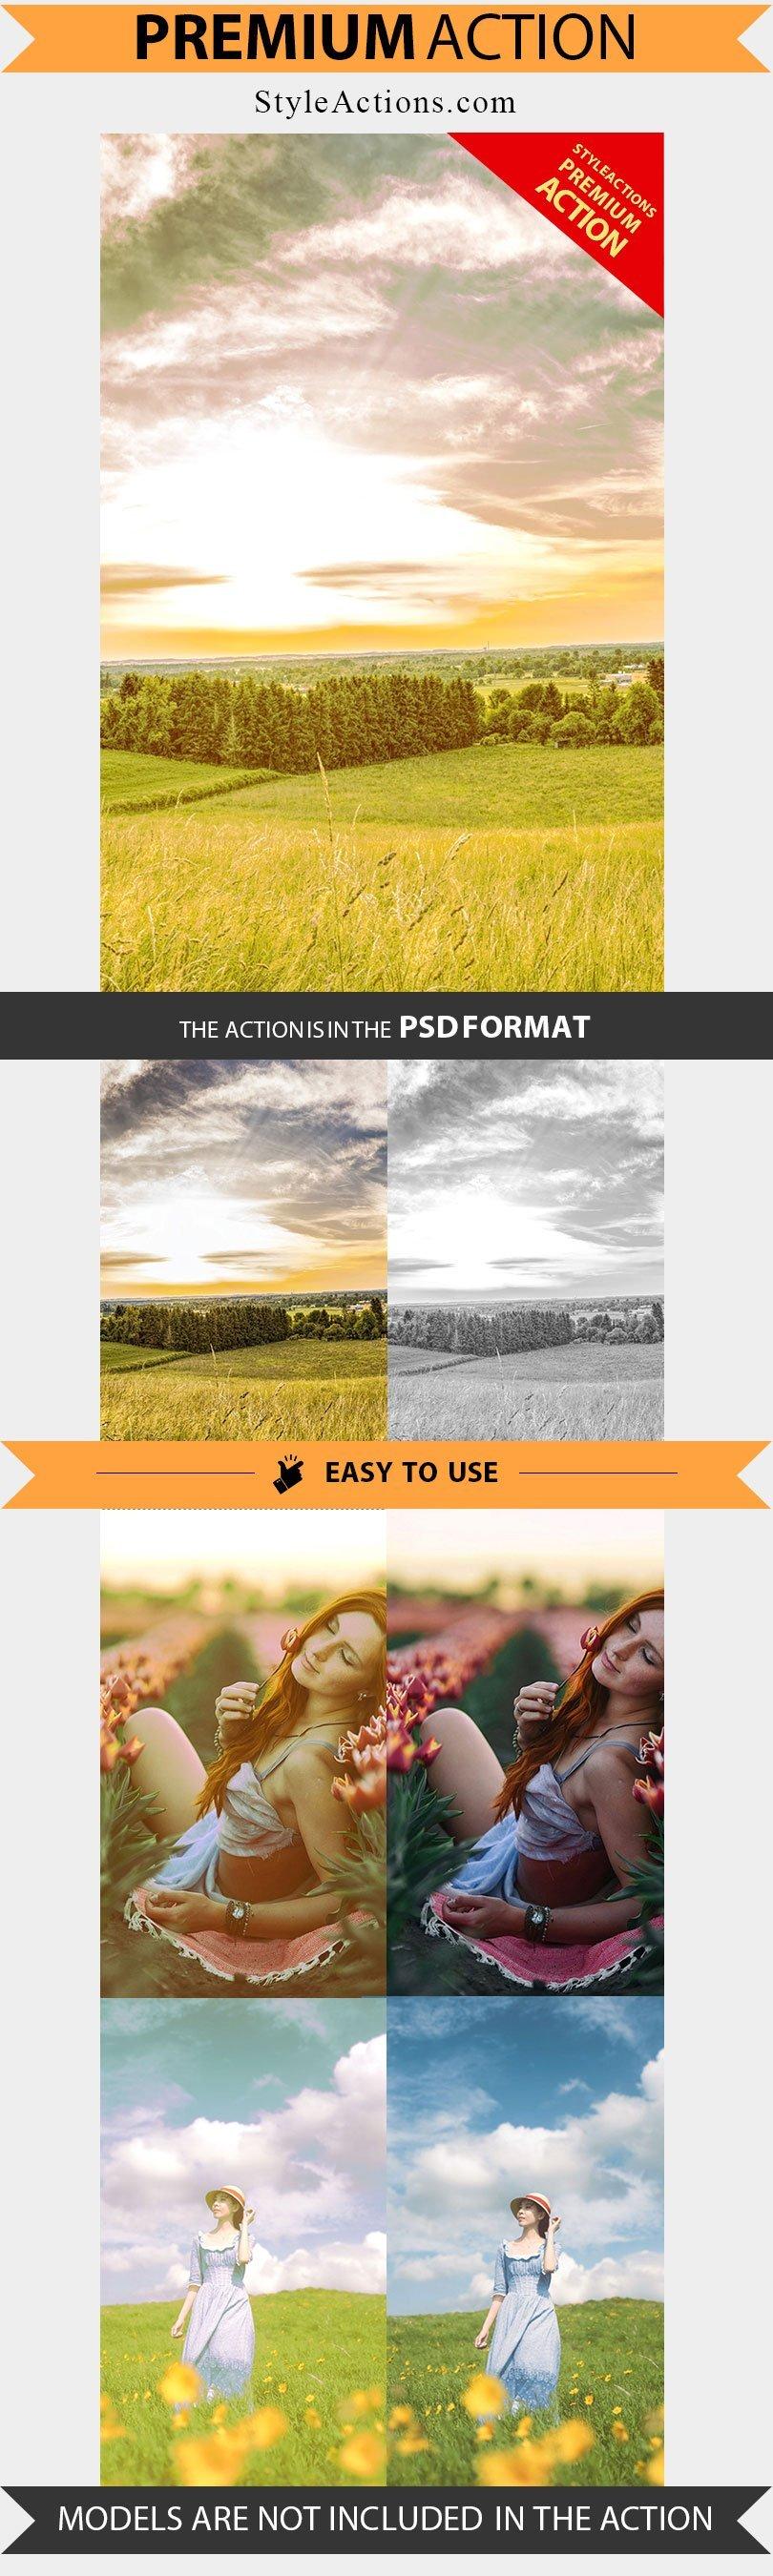 preview_premium_action